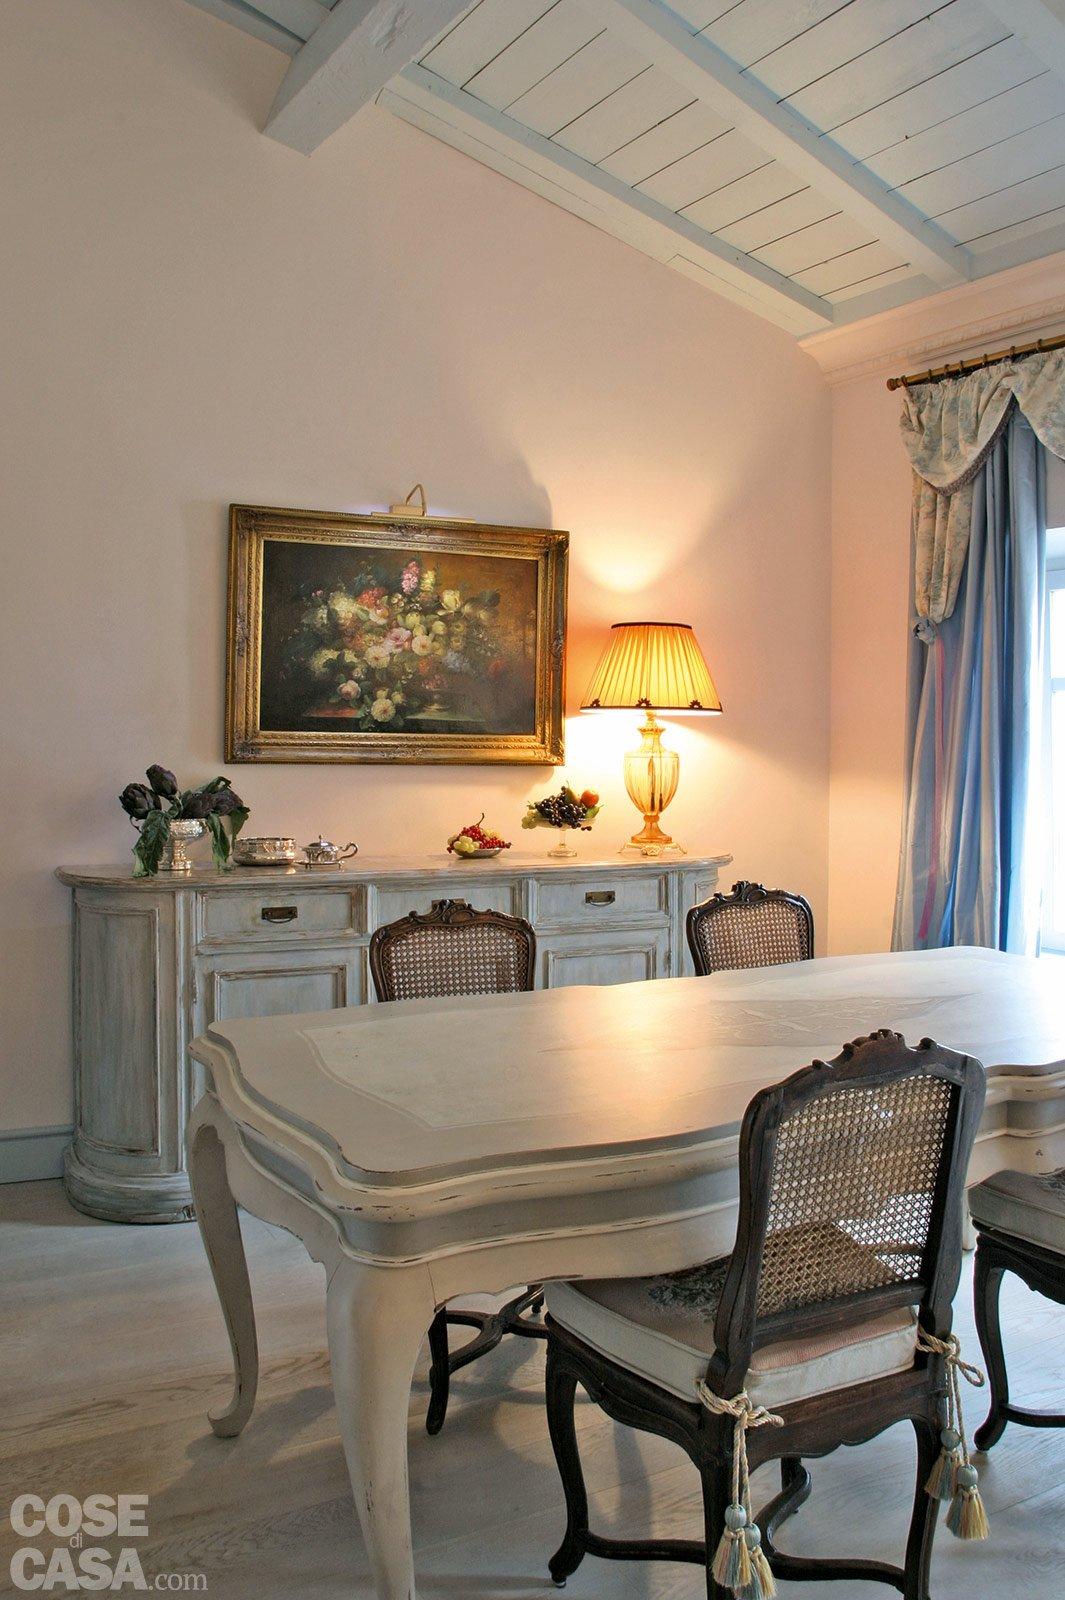 60 Mq: Una Casa In Tonalità Pastello Cose Di Casa #AD671E 1065 1600 Cuscini Per Sedie Sala Da Pranzo